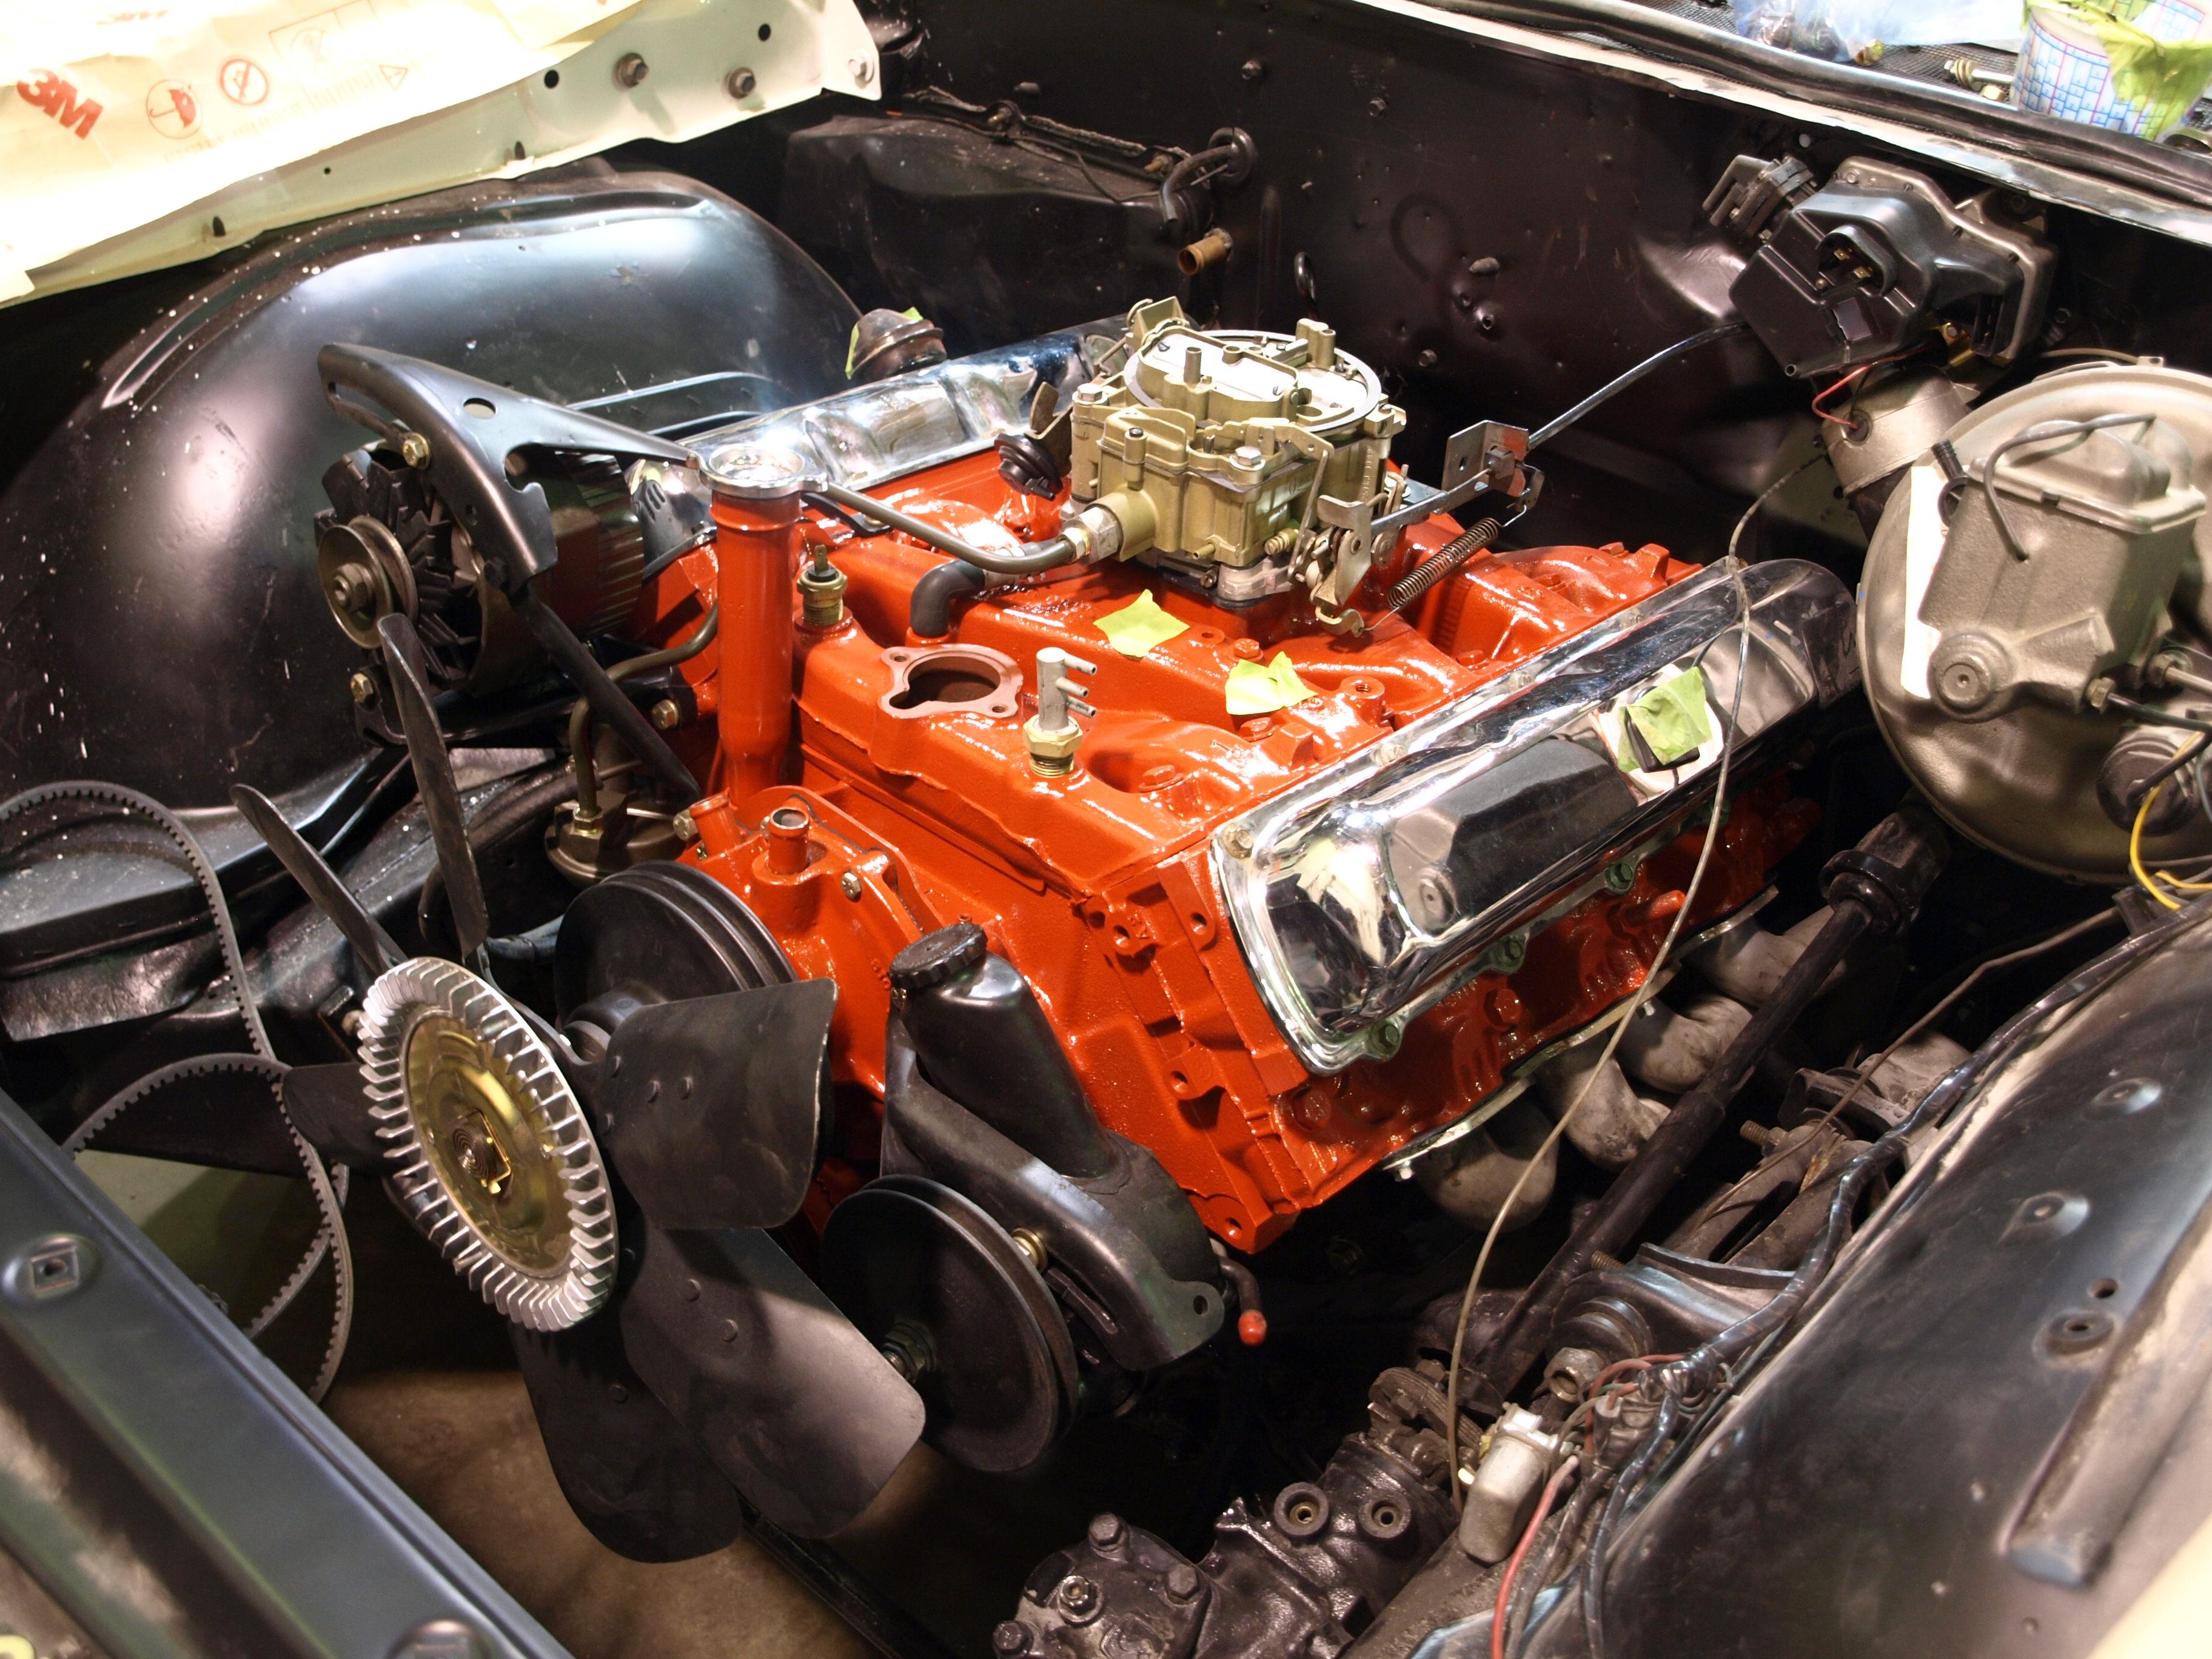 1969 Hurst Olds Precision Car Restoration